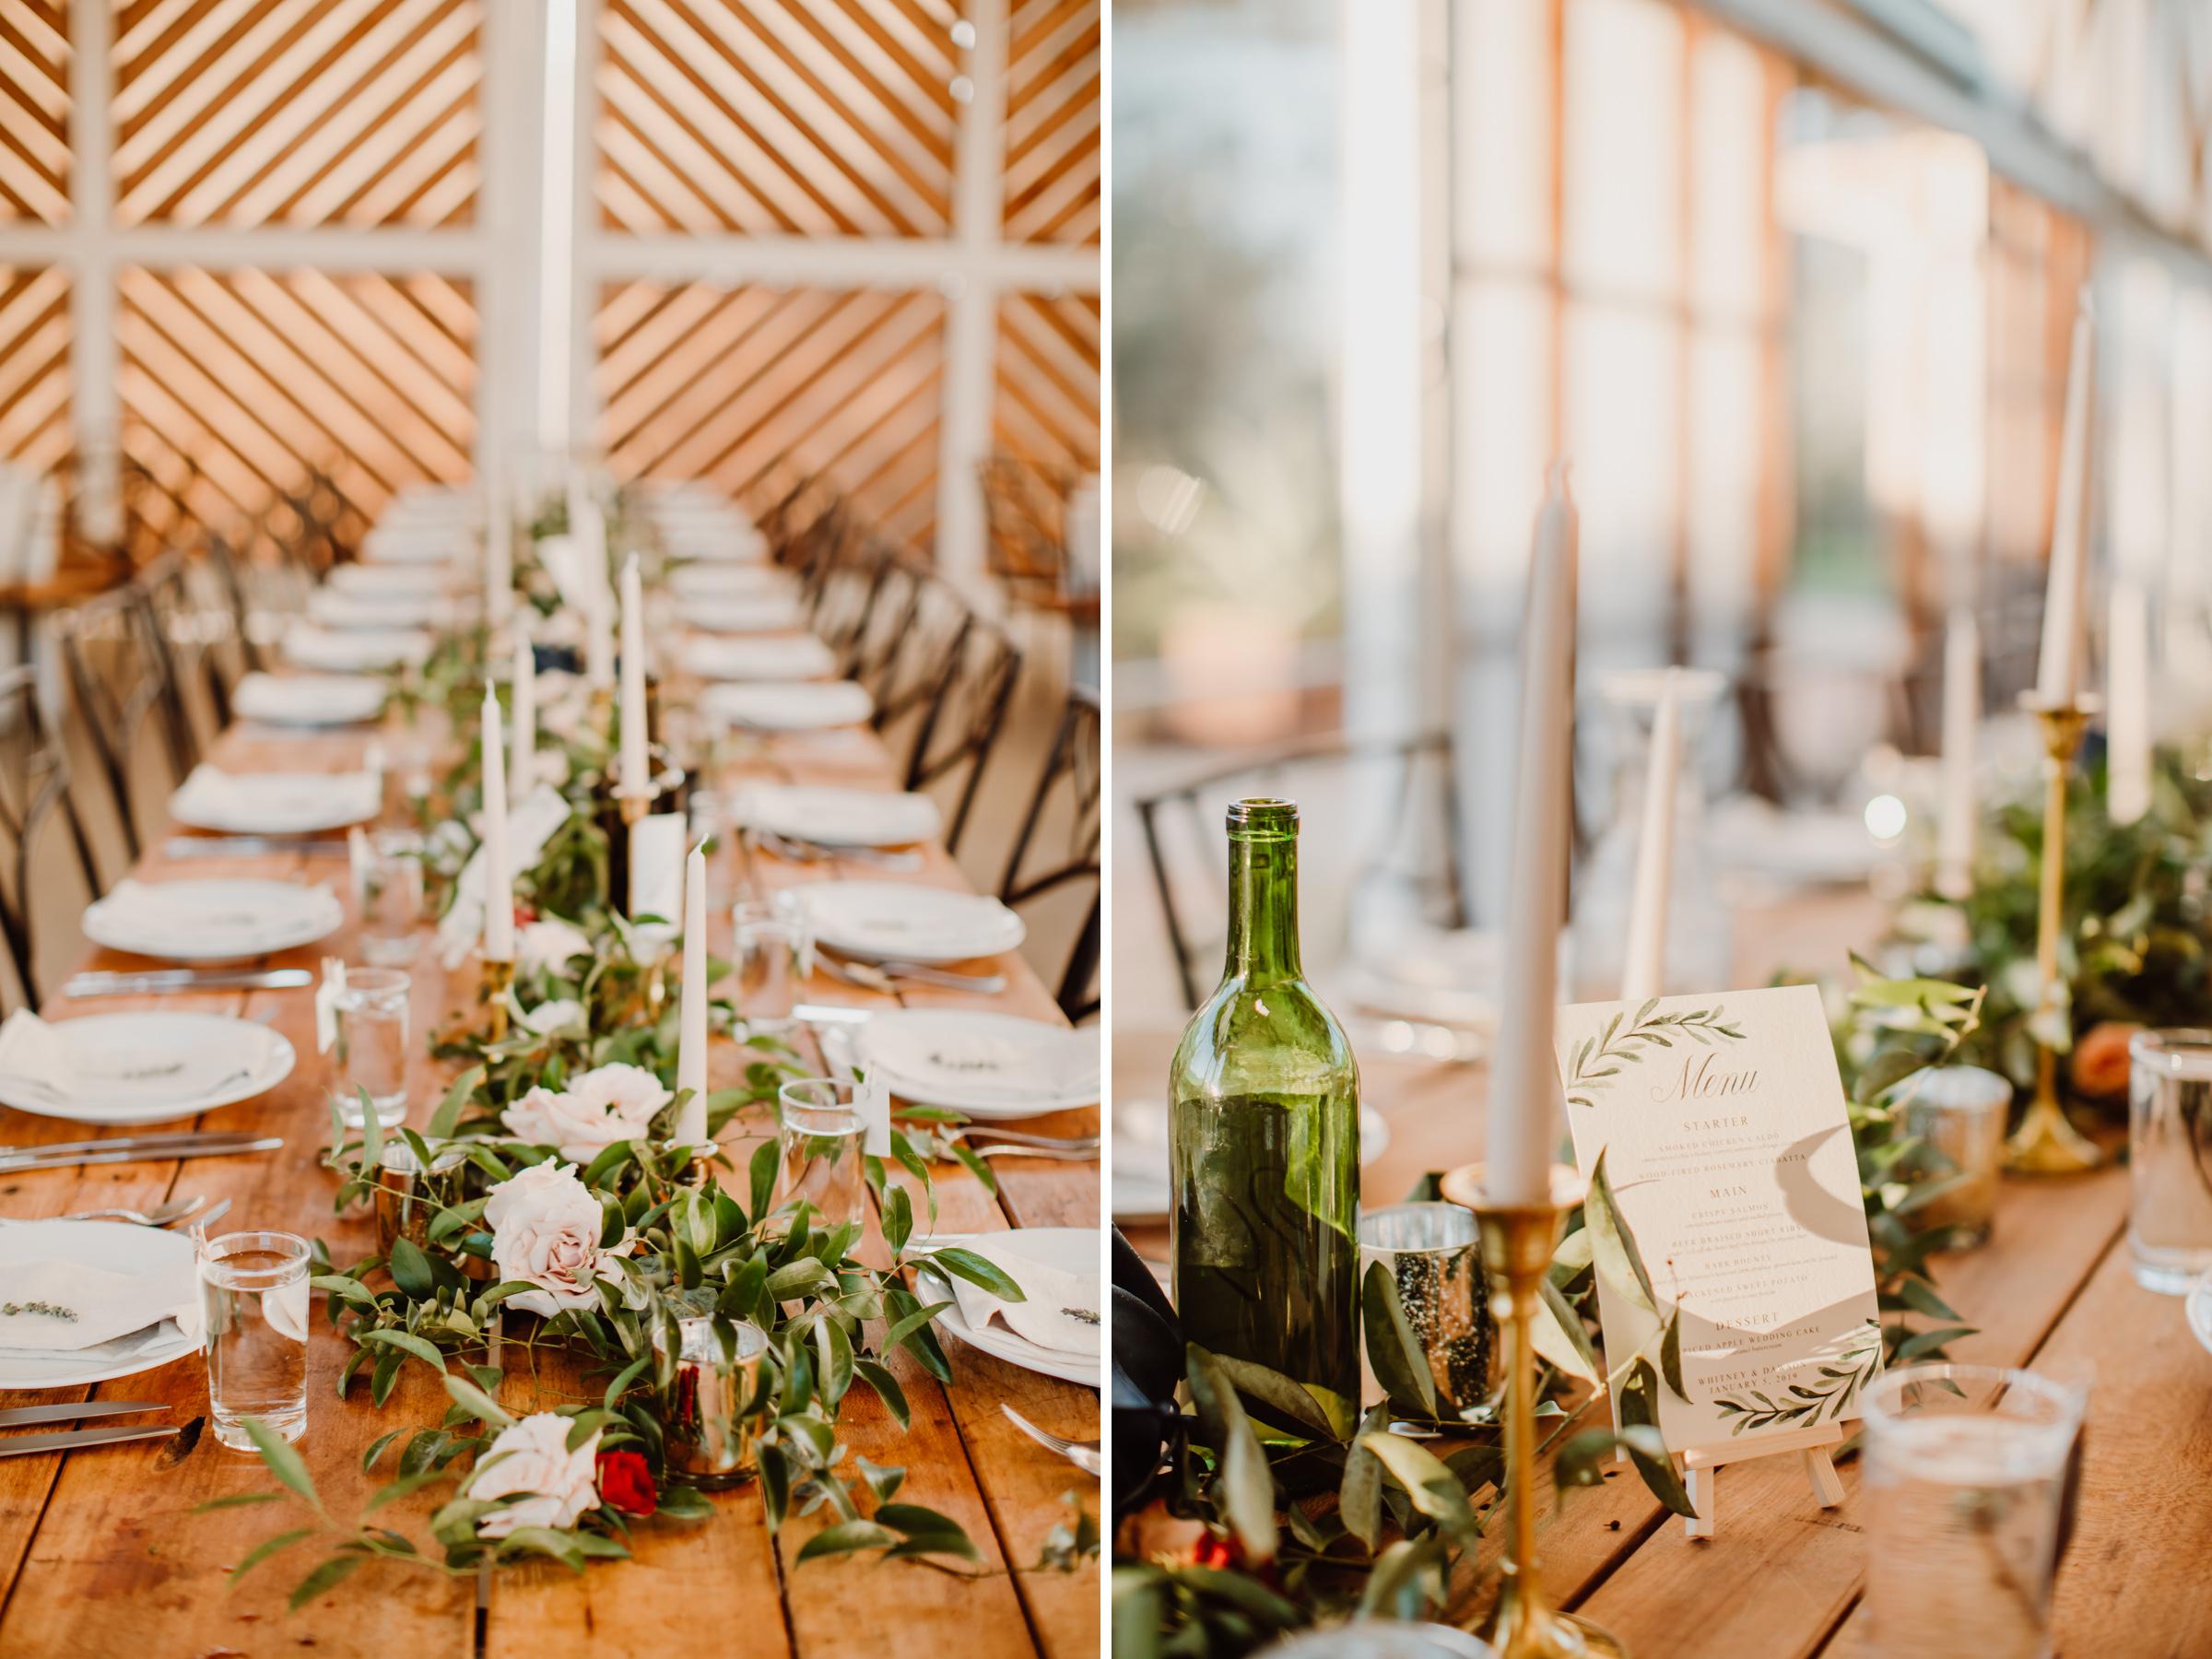 barr mansion wedding details